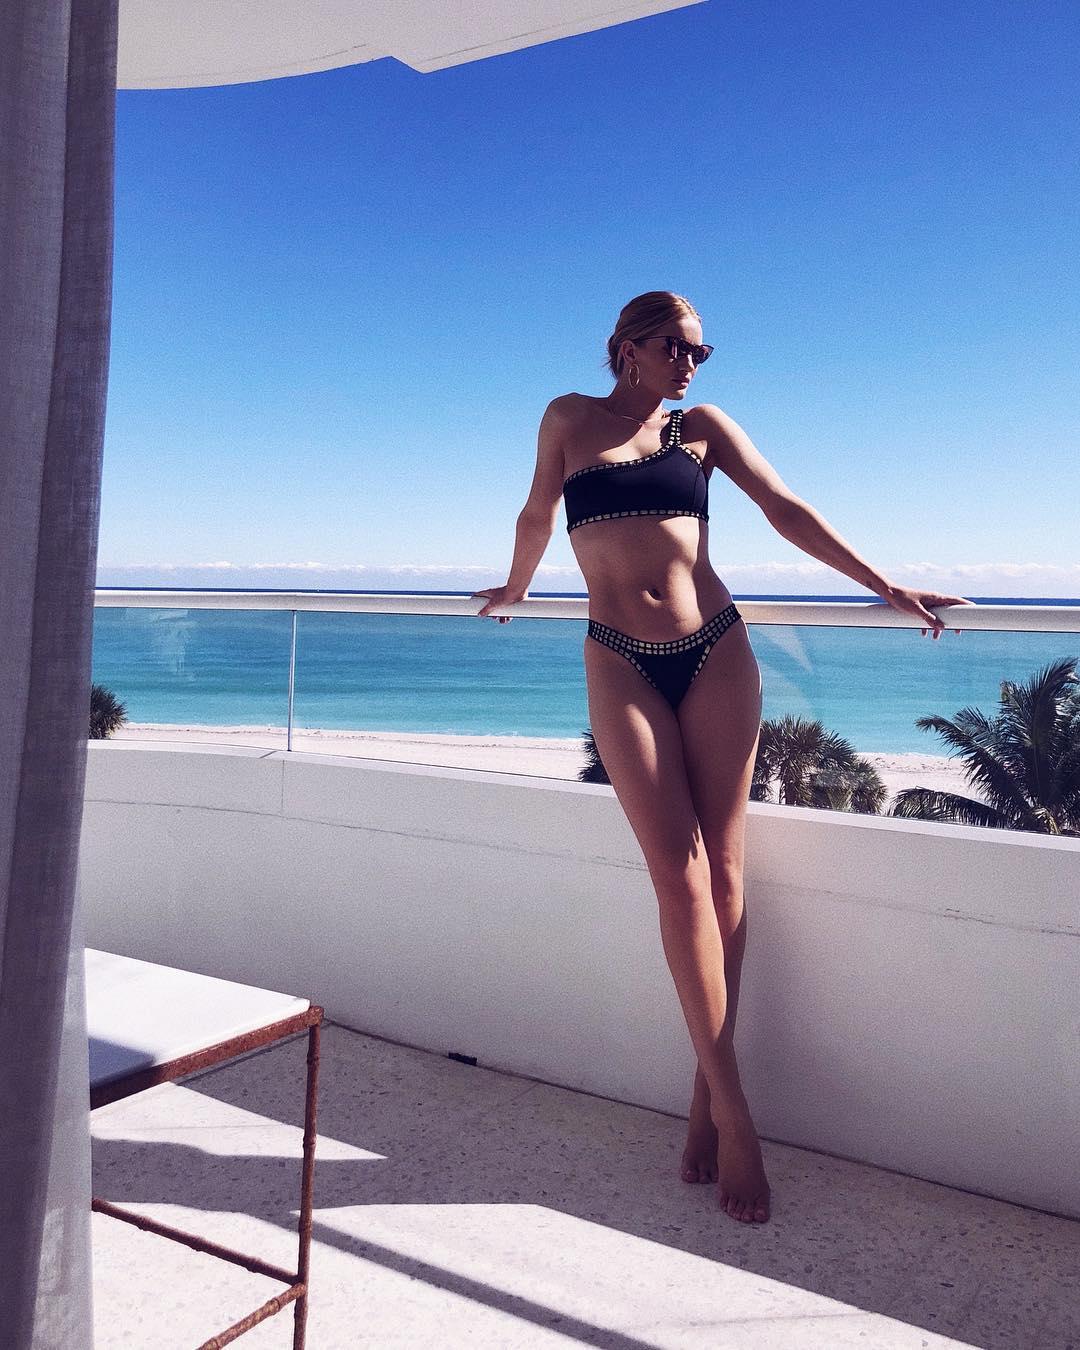 Годеницата на Стейтъм с перфектно плажно тяло